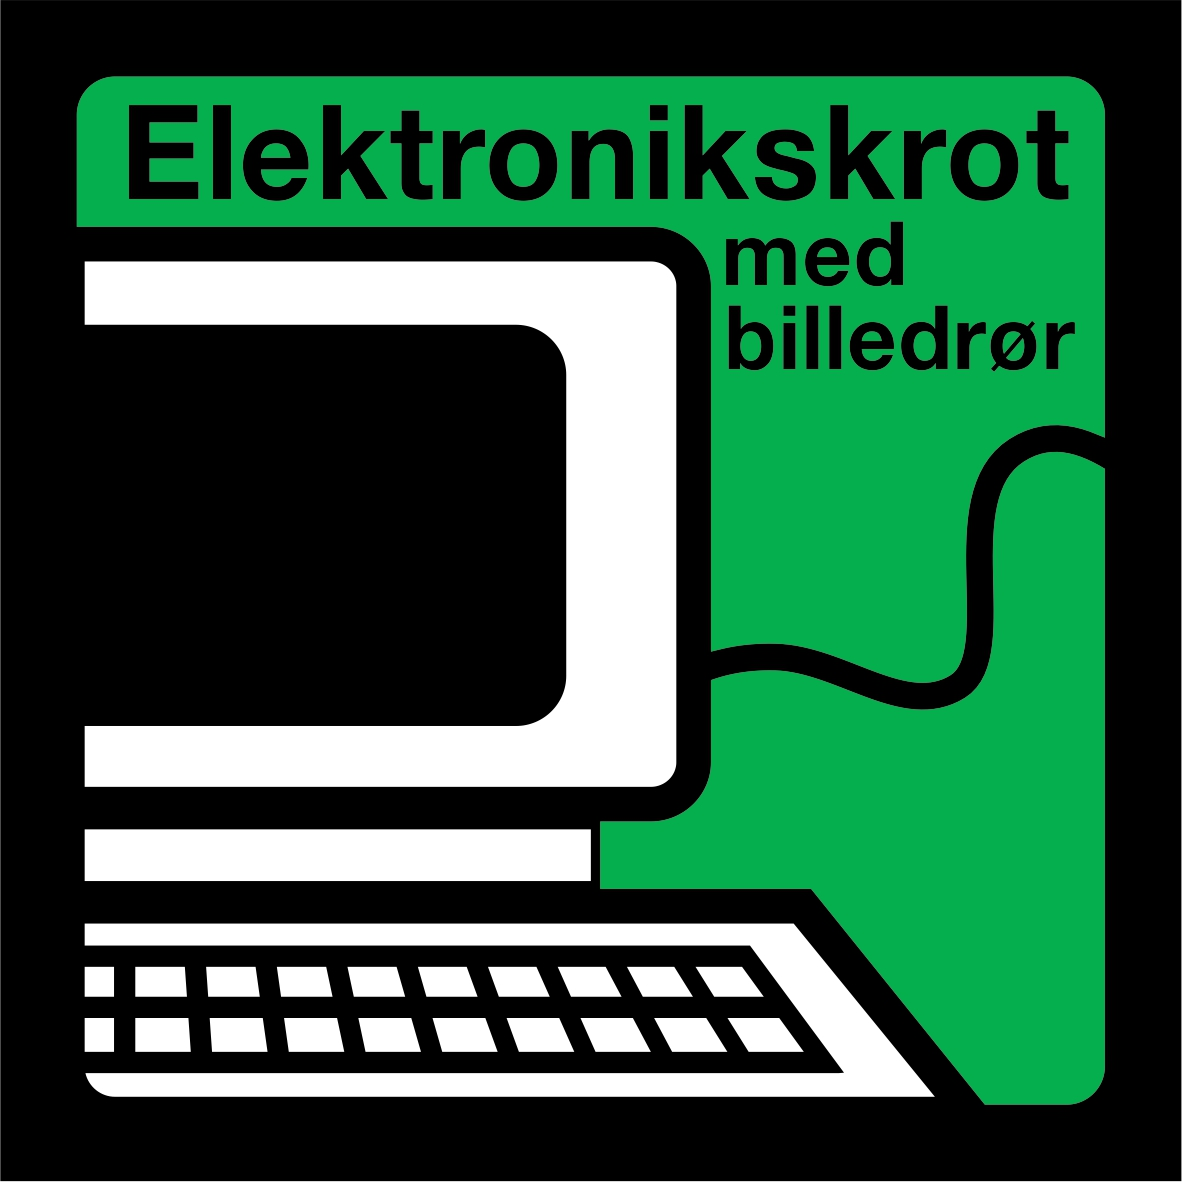 Elektronikskrot med billedrør